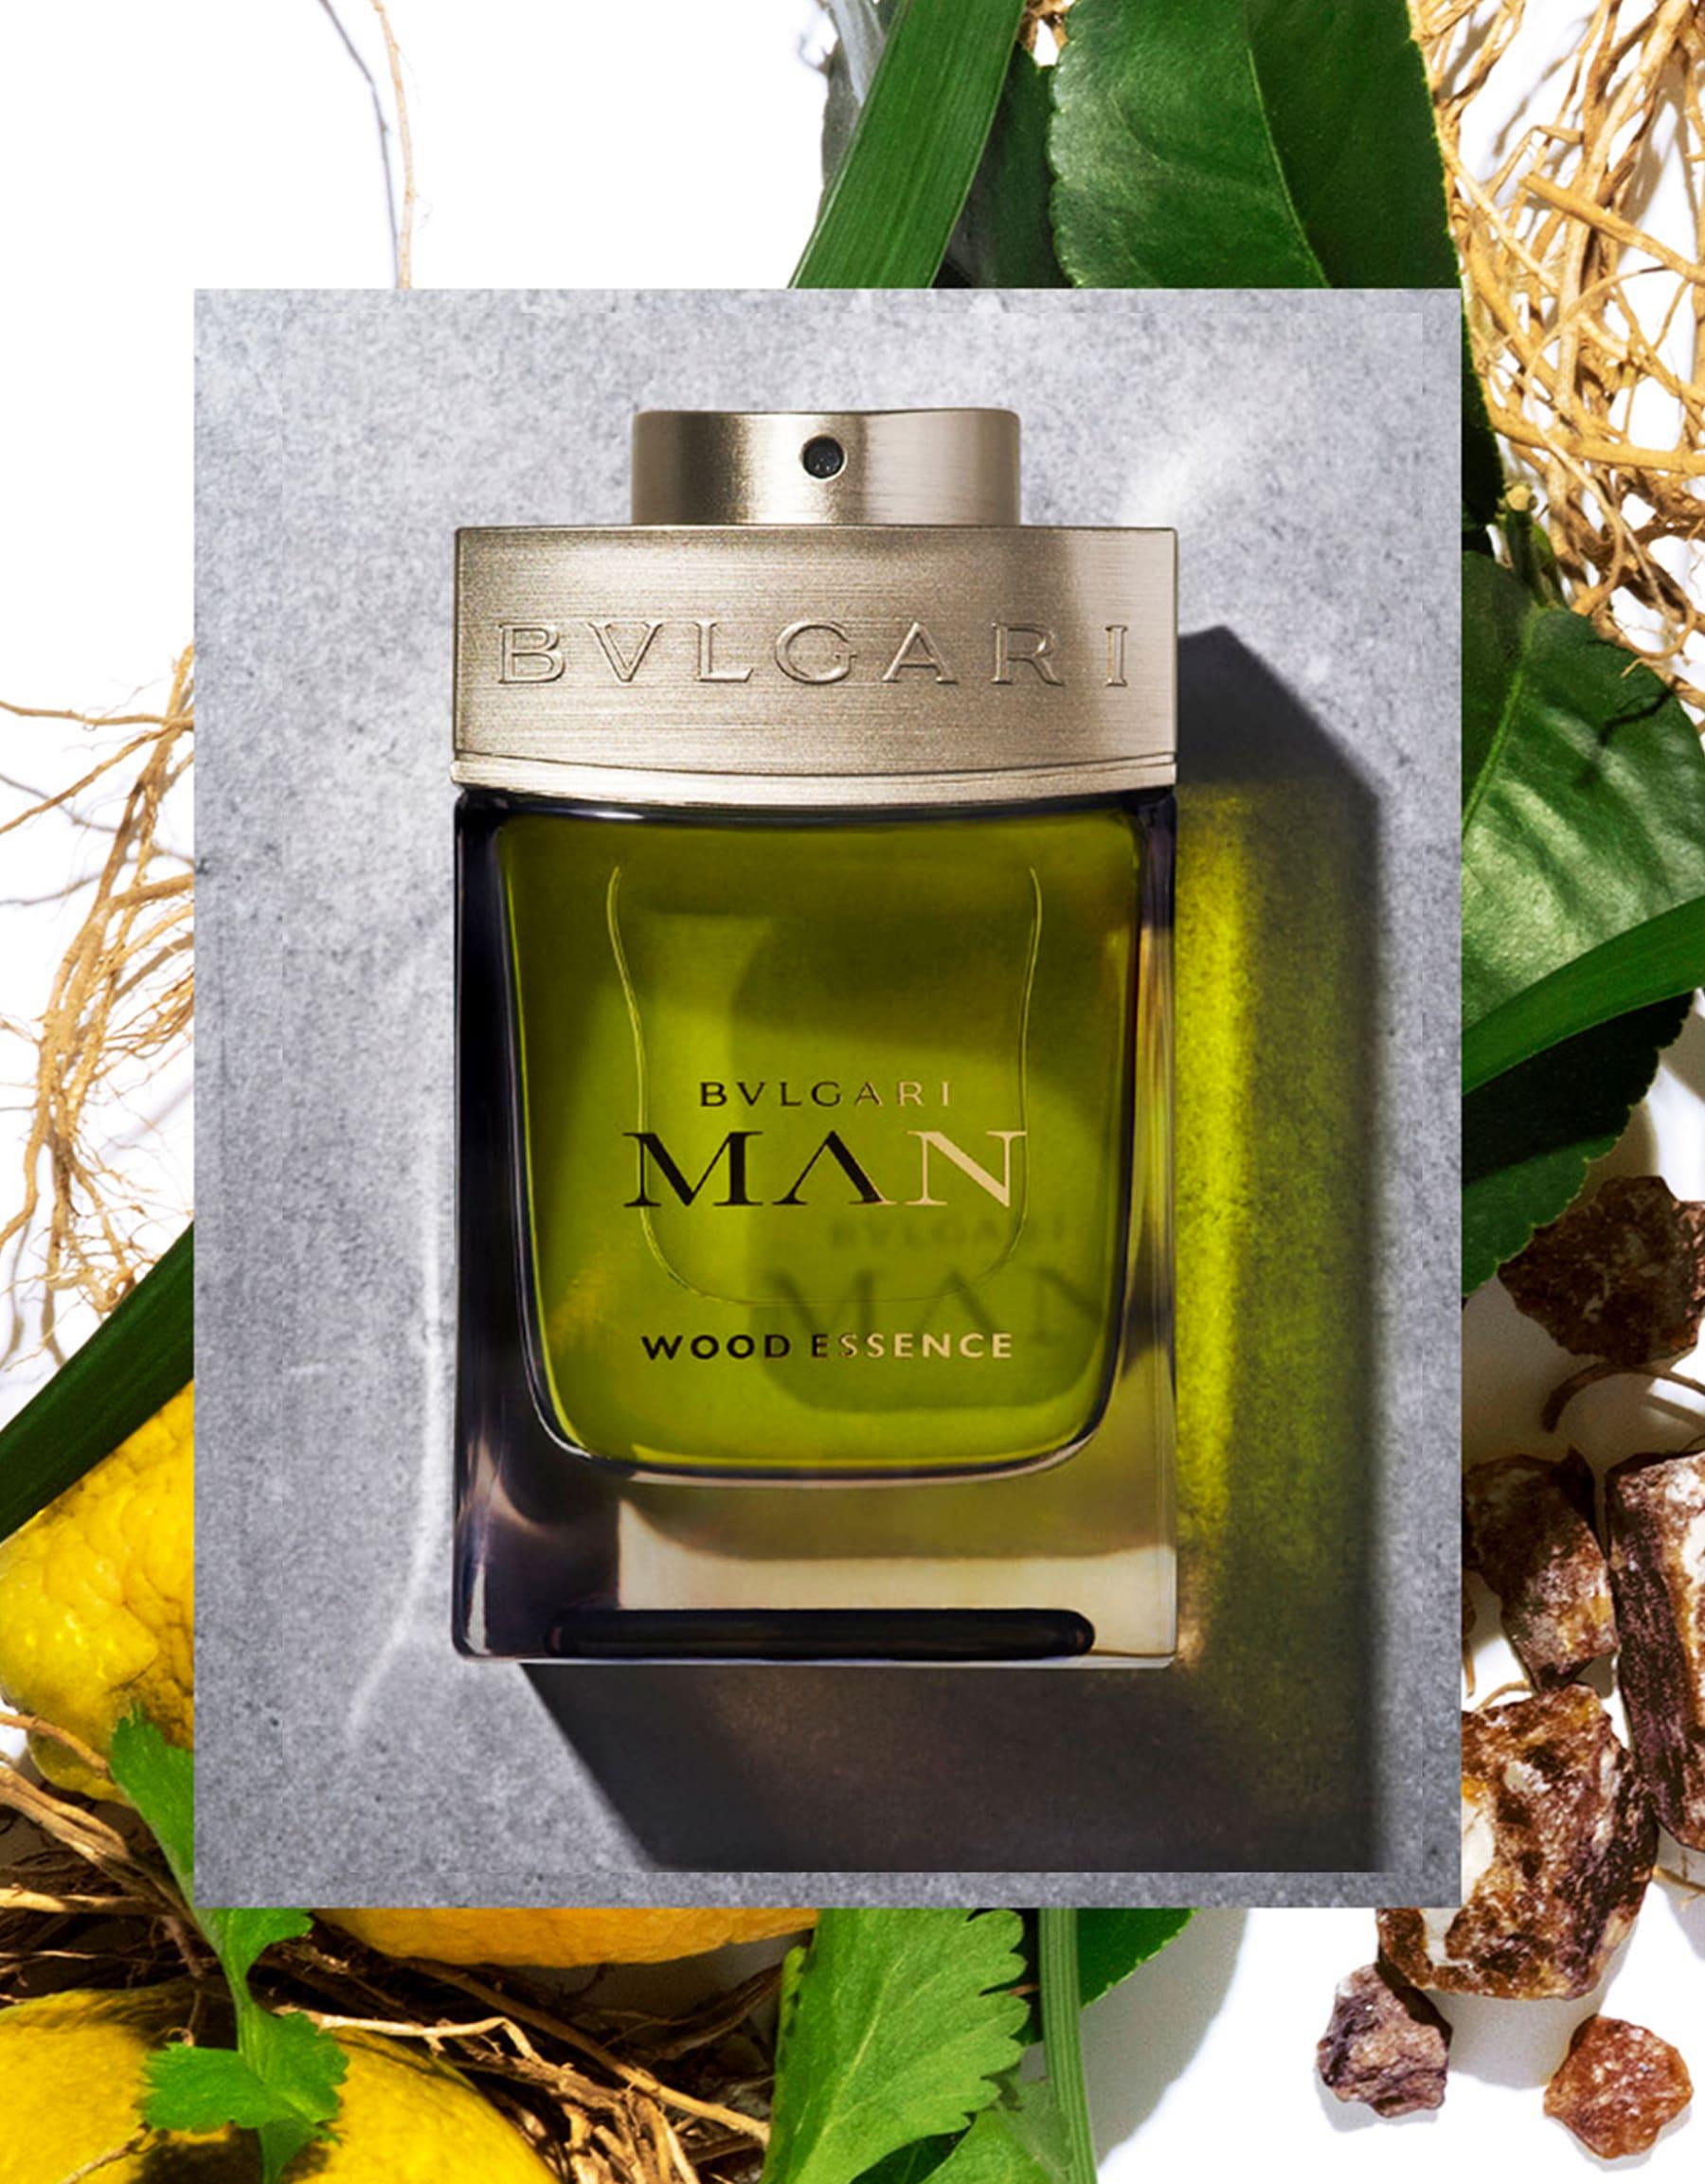 採用上等香料新木質香氛,包括香柏、柏木和香根草,並與溫暖和煦的安息香脂產生共鳴。 46100 image 4